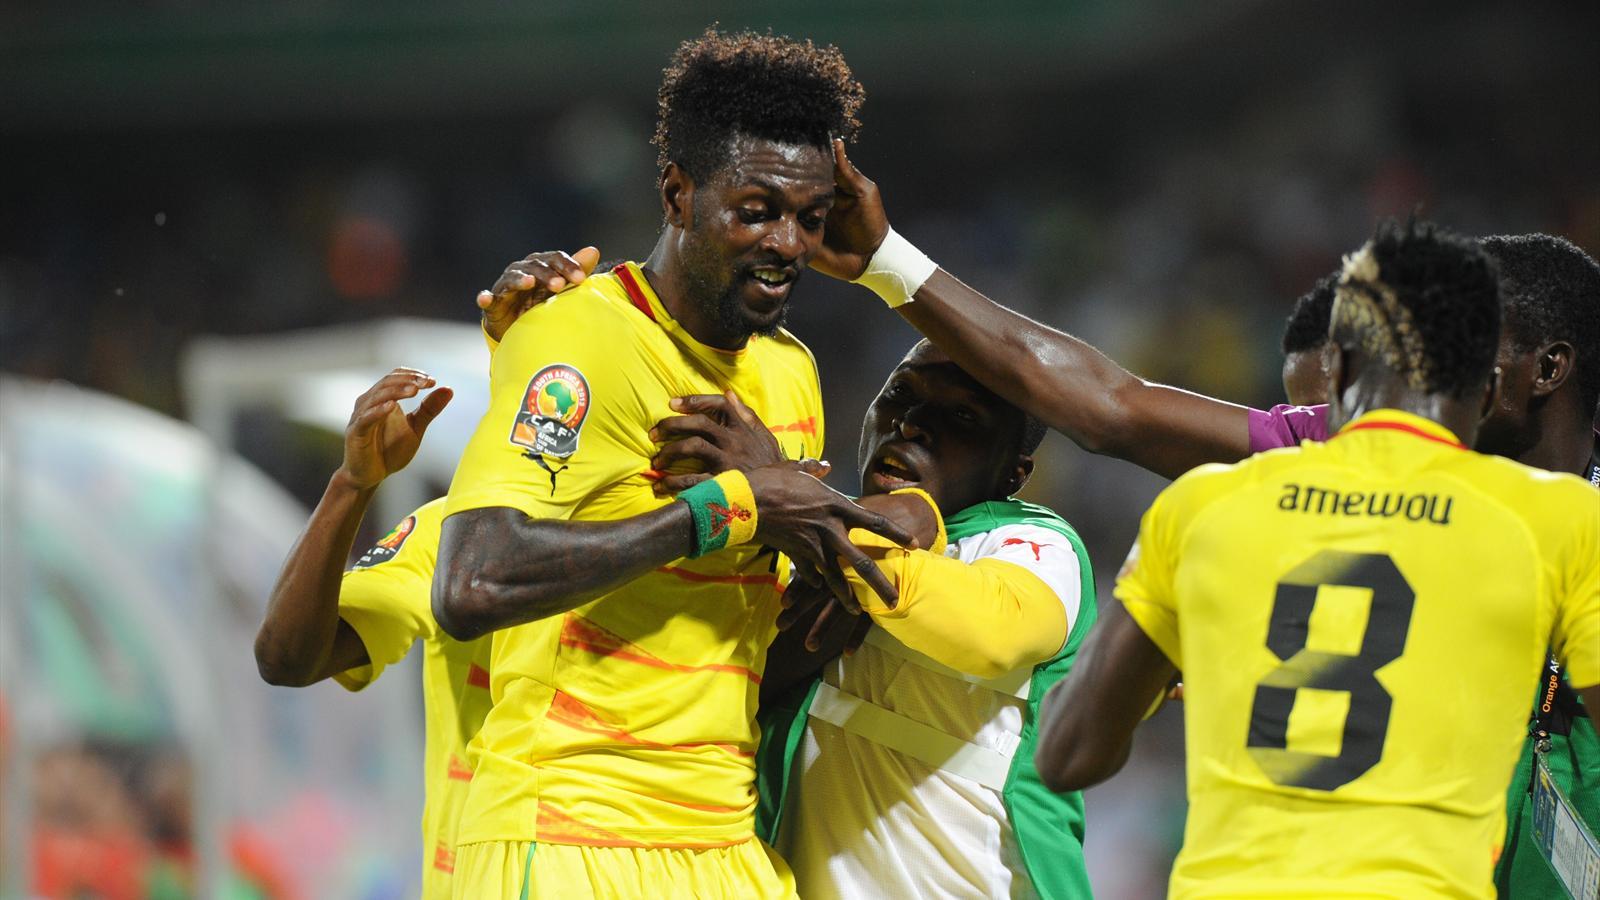 Can 2013 le togo se relance et sort l alg rie coupe d 39 afrique des nations 2013 football - Resultat foot coupe d afrique ...